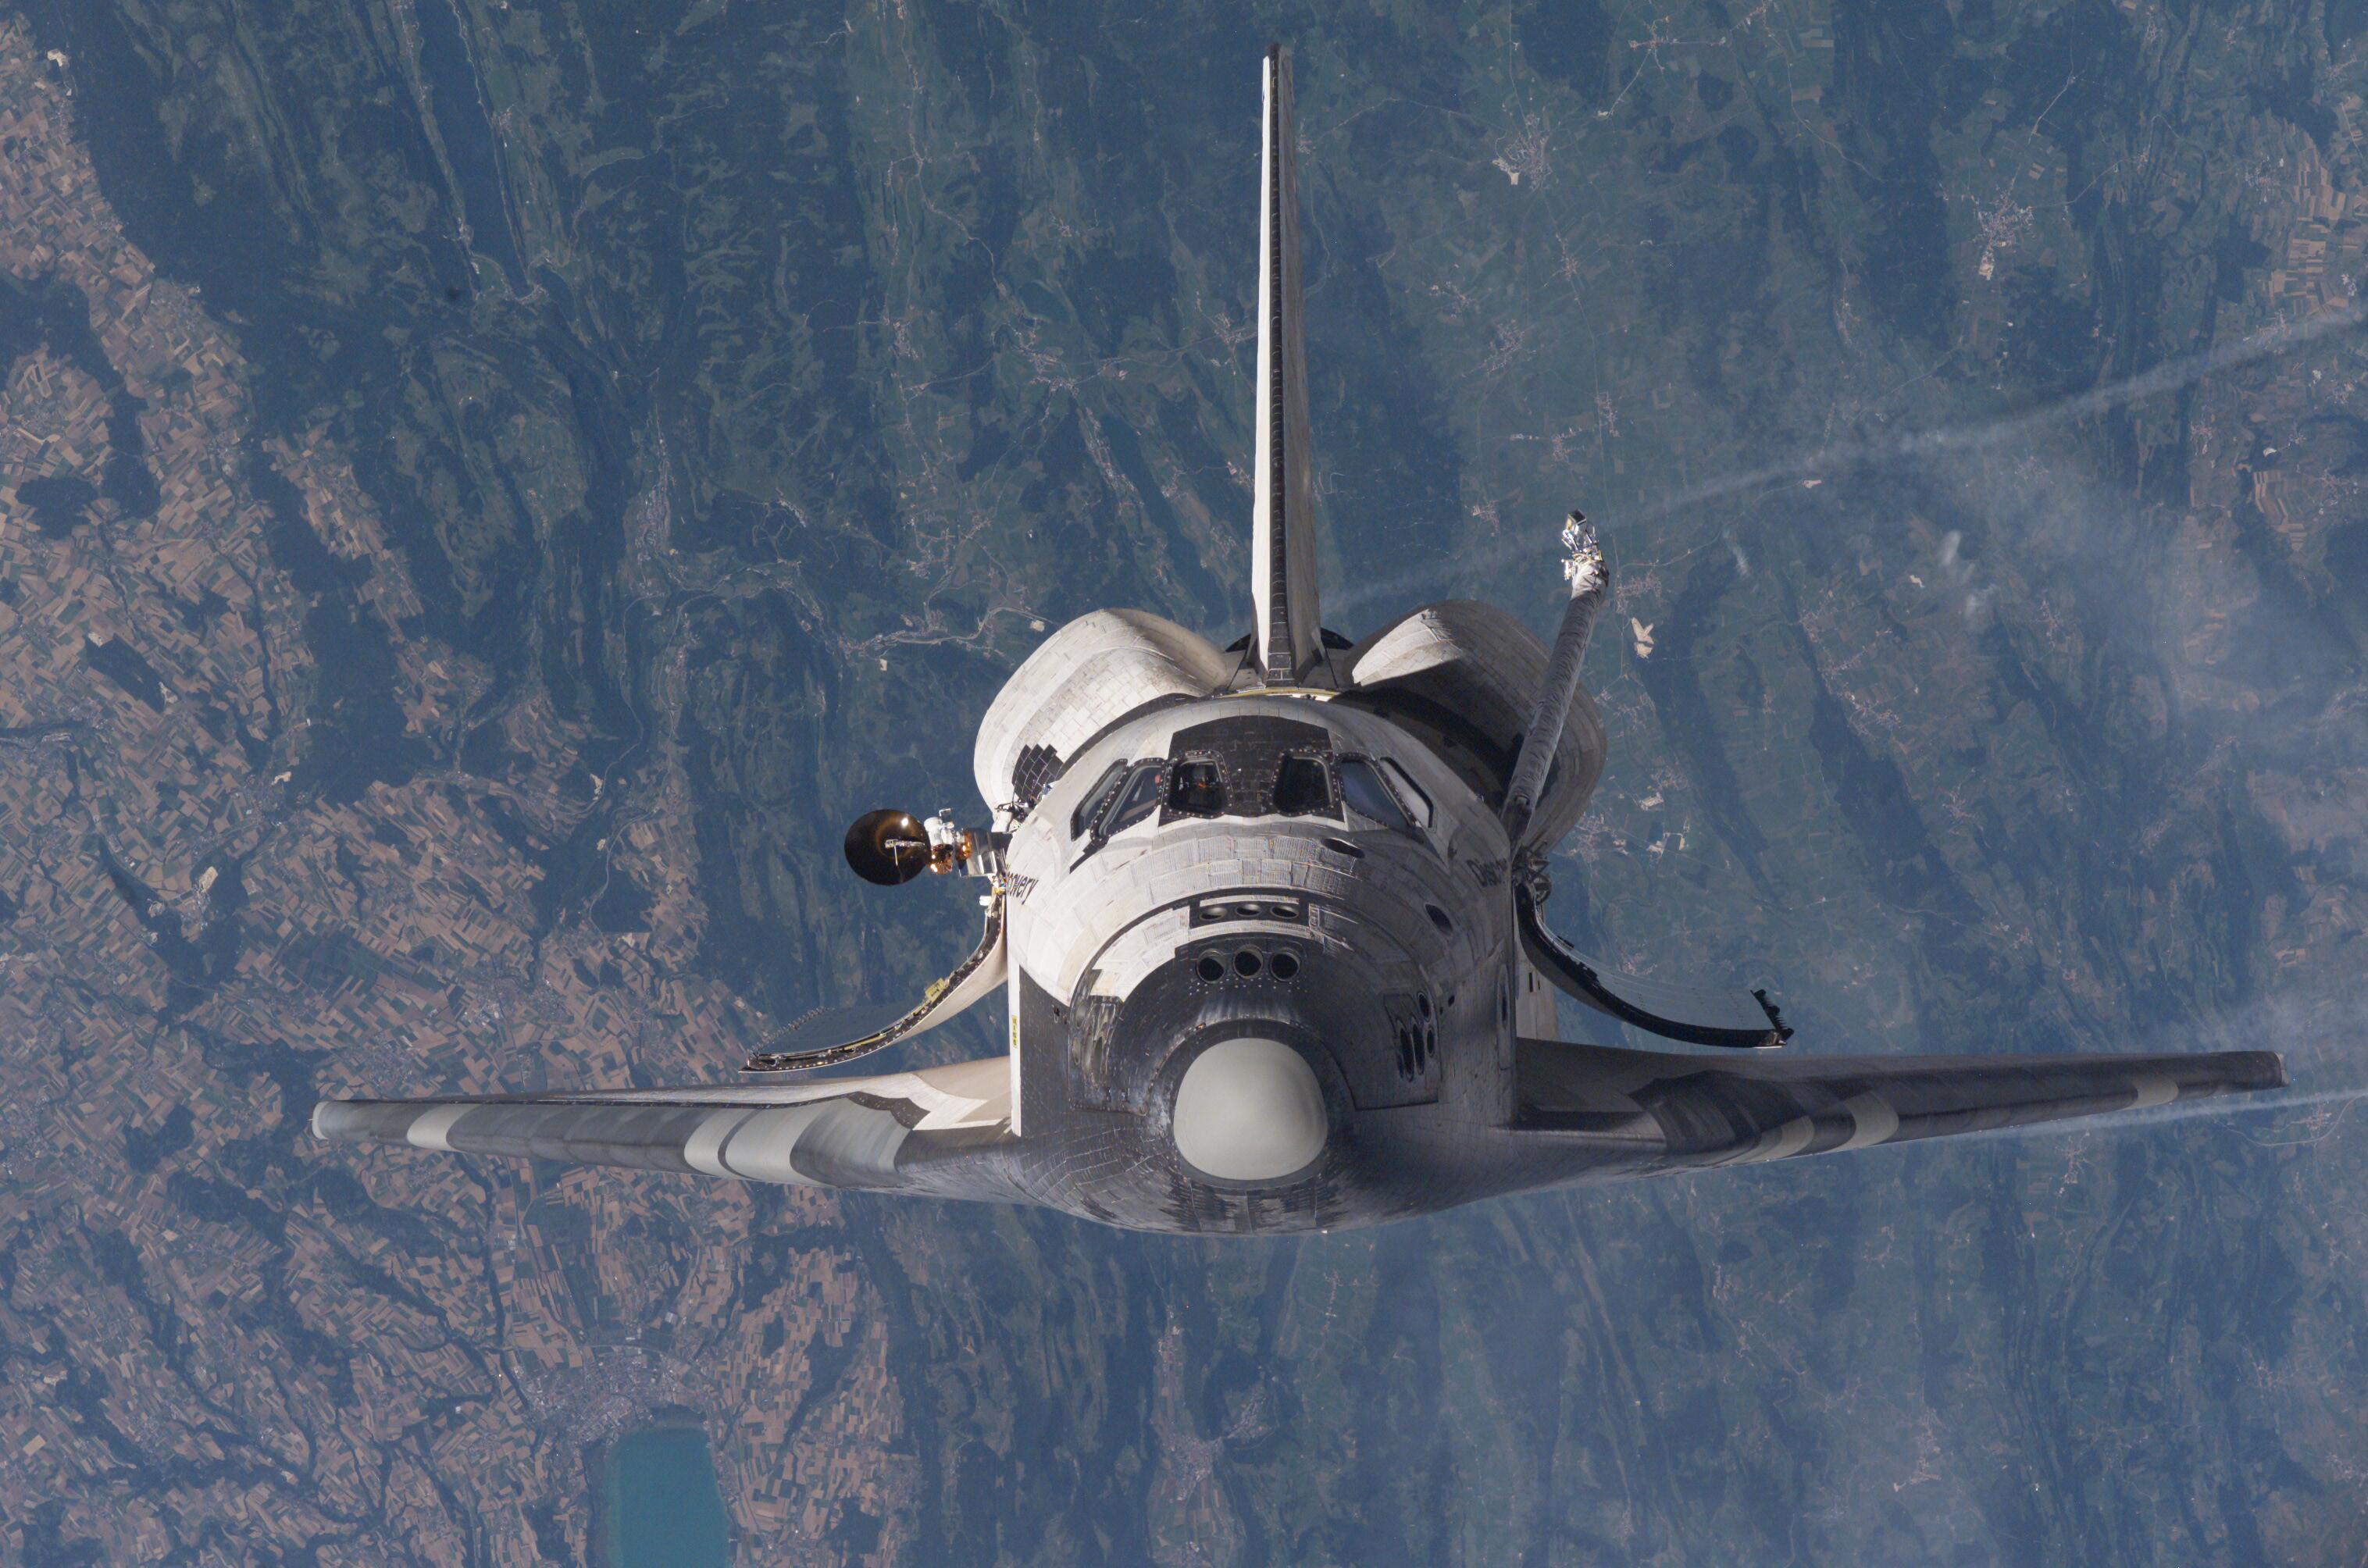 von braun space shuttle - photo #39